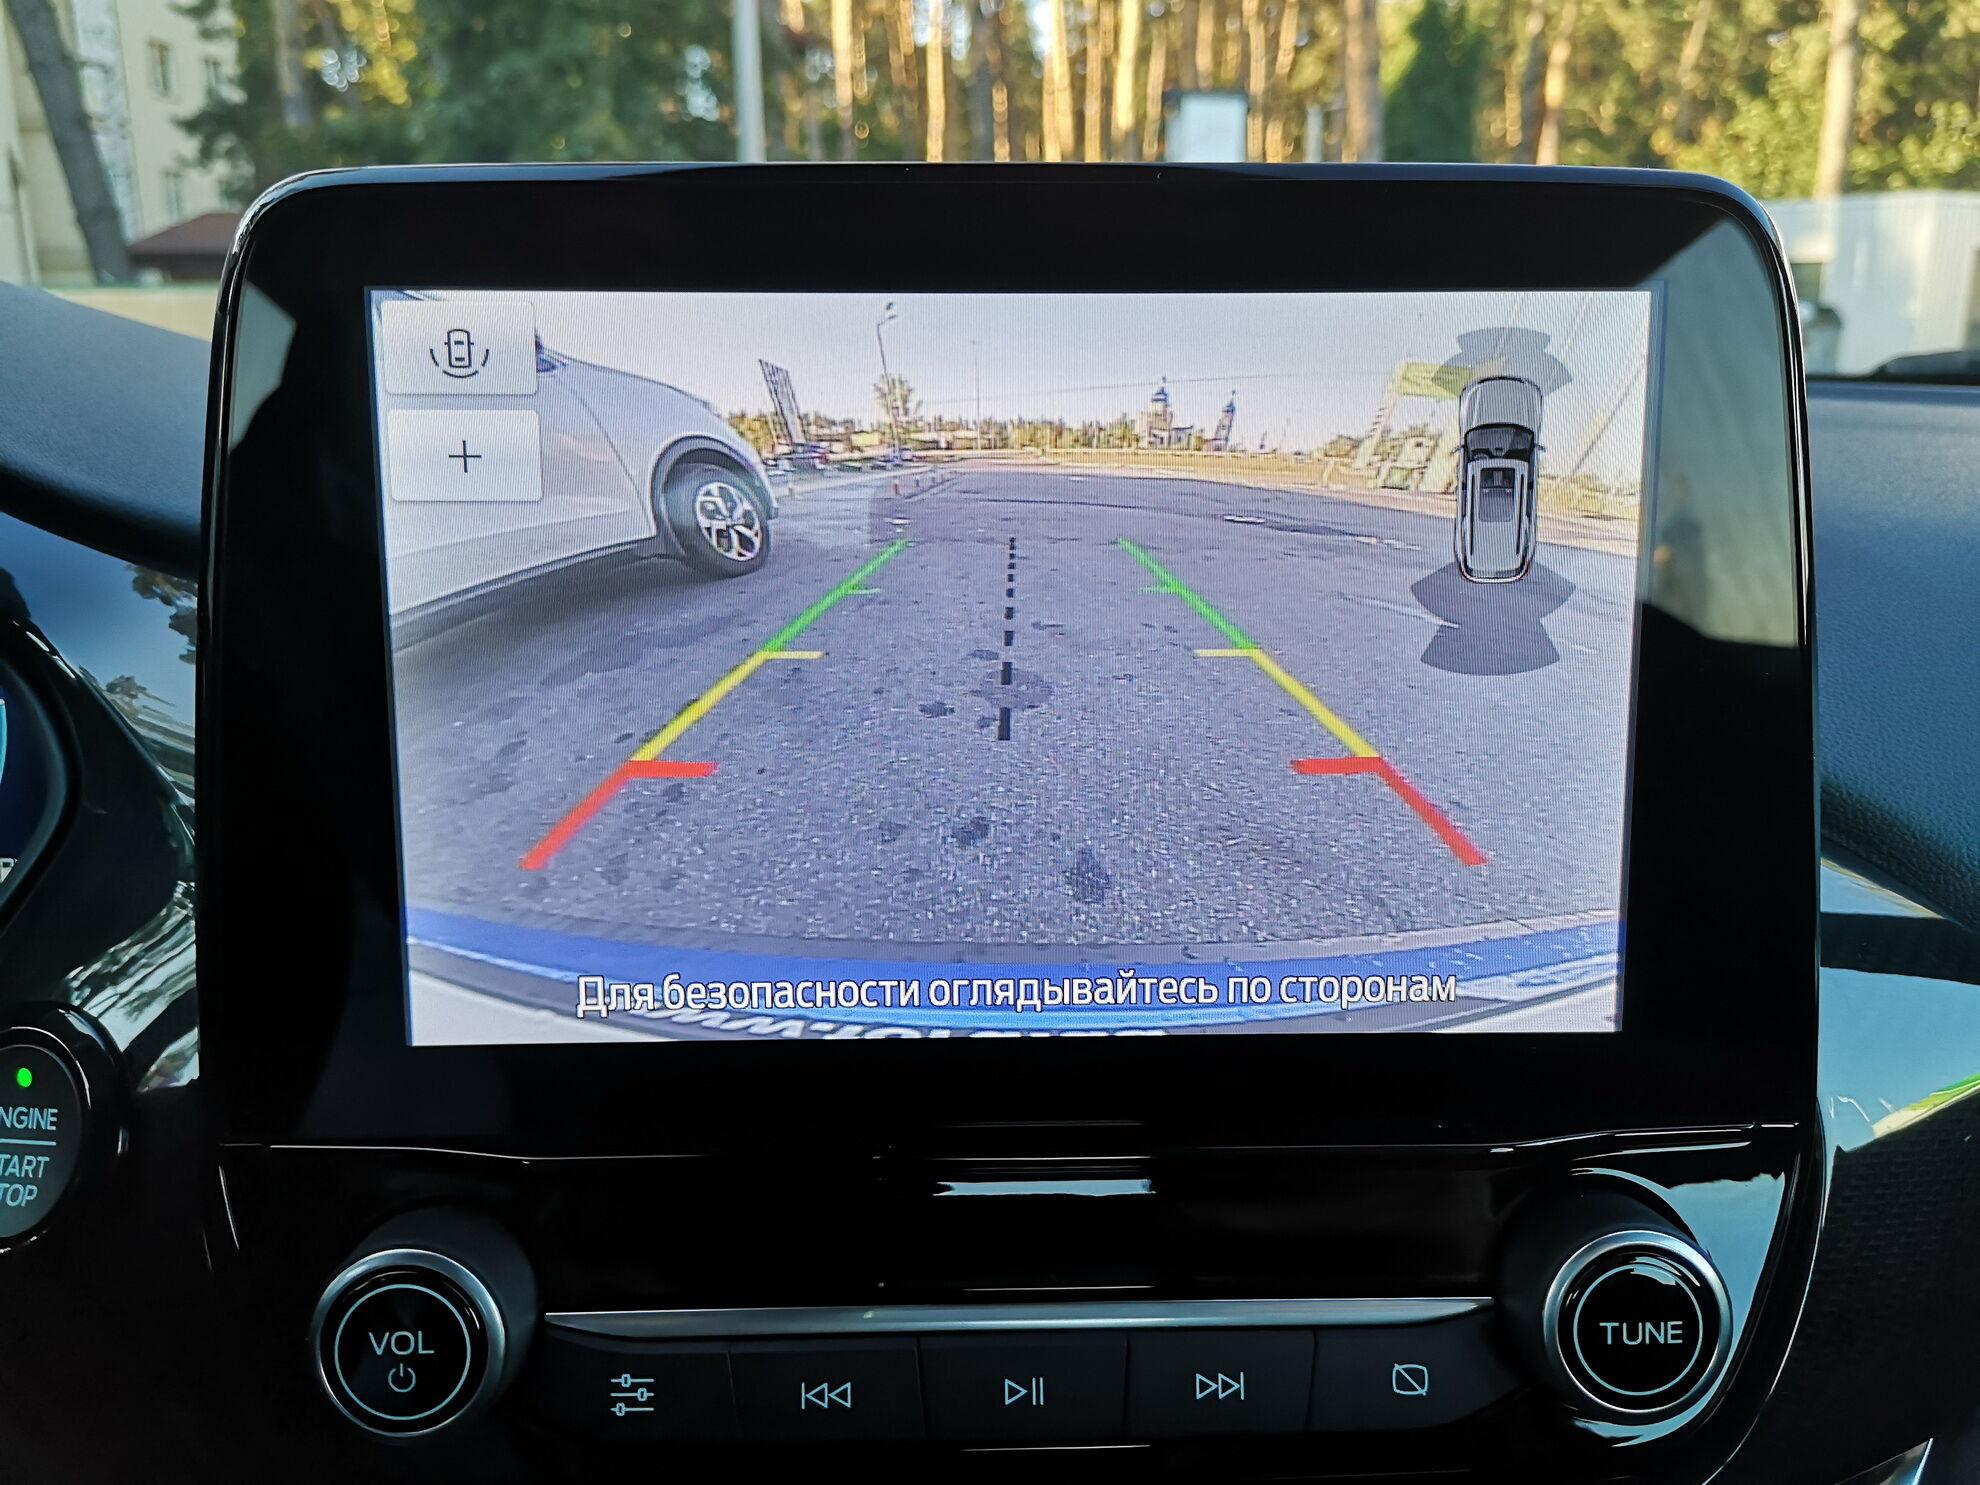 Широкоугольная камера заднего вида обеспечивает отличный обзор при парковке